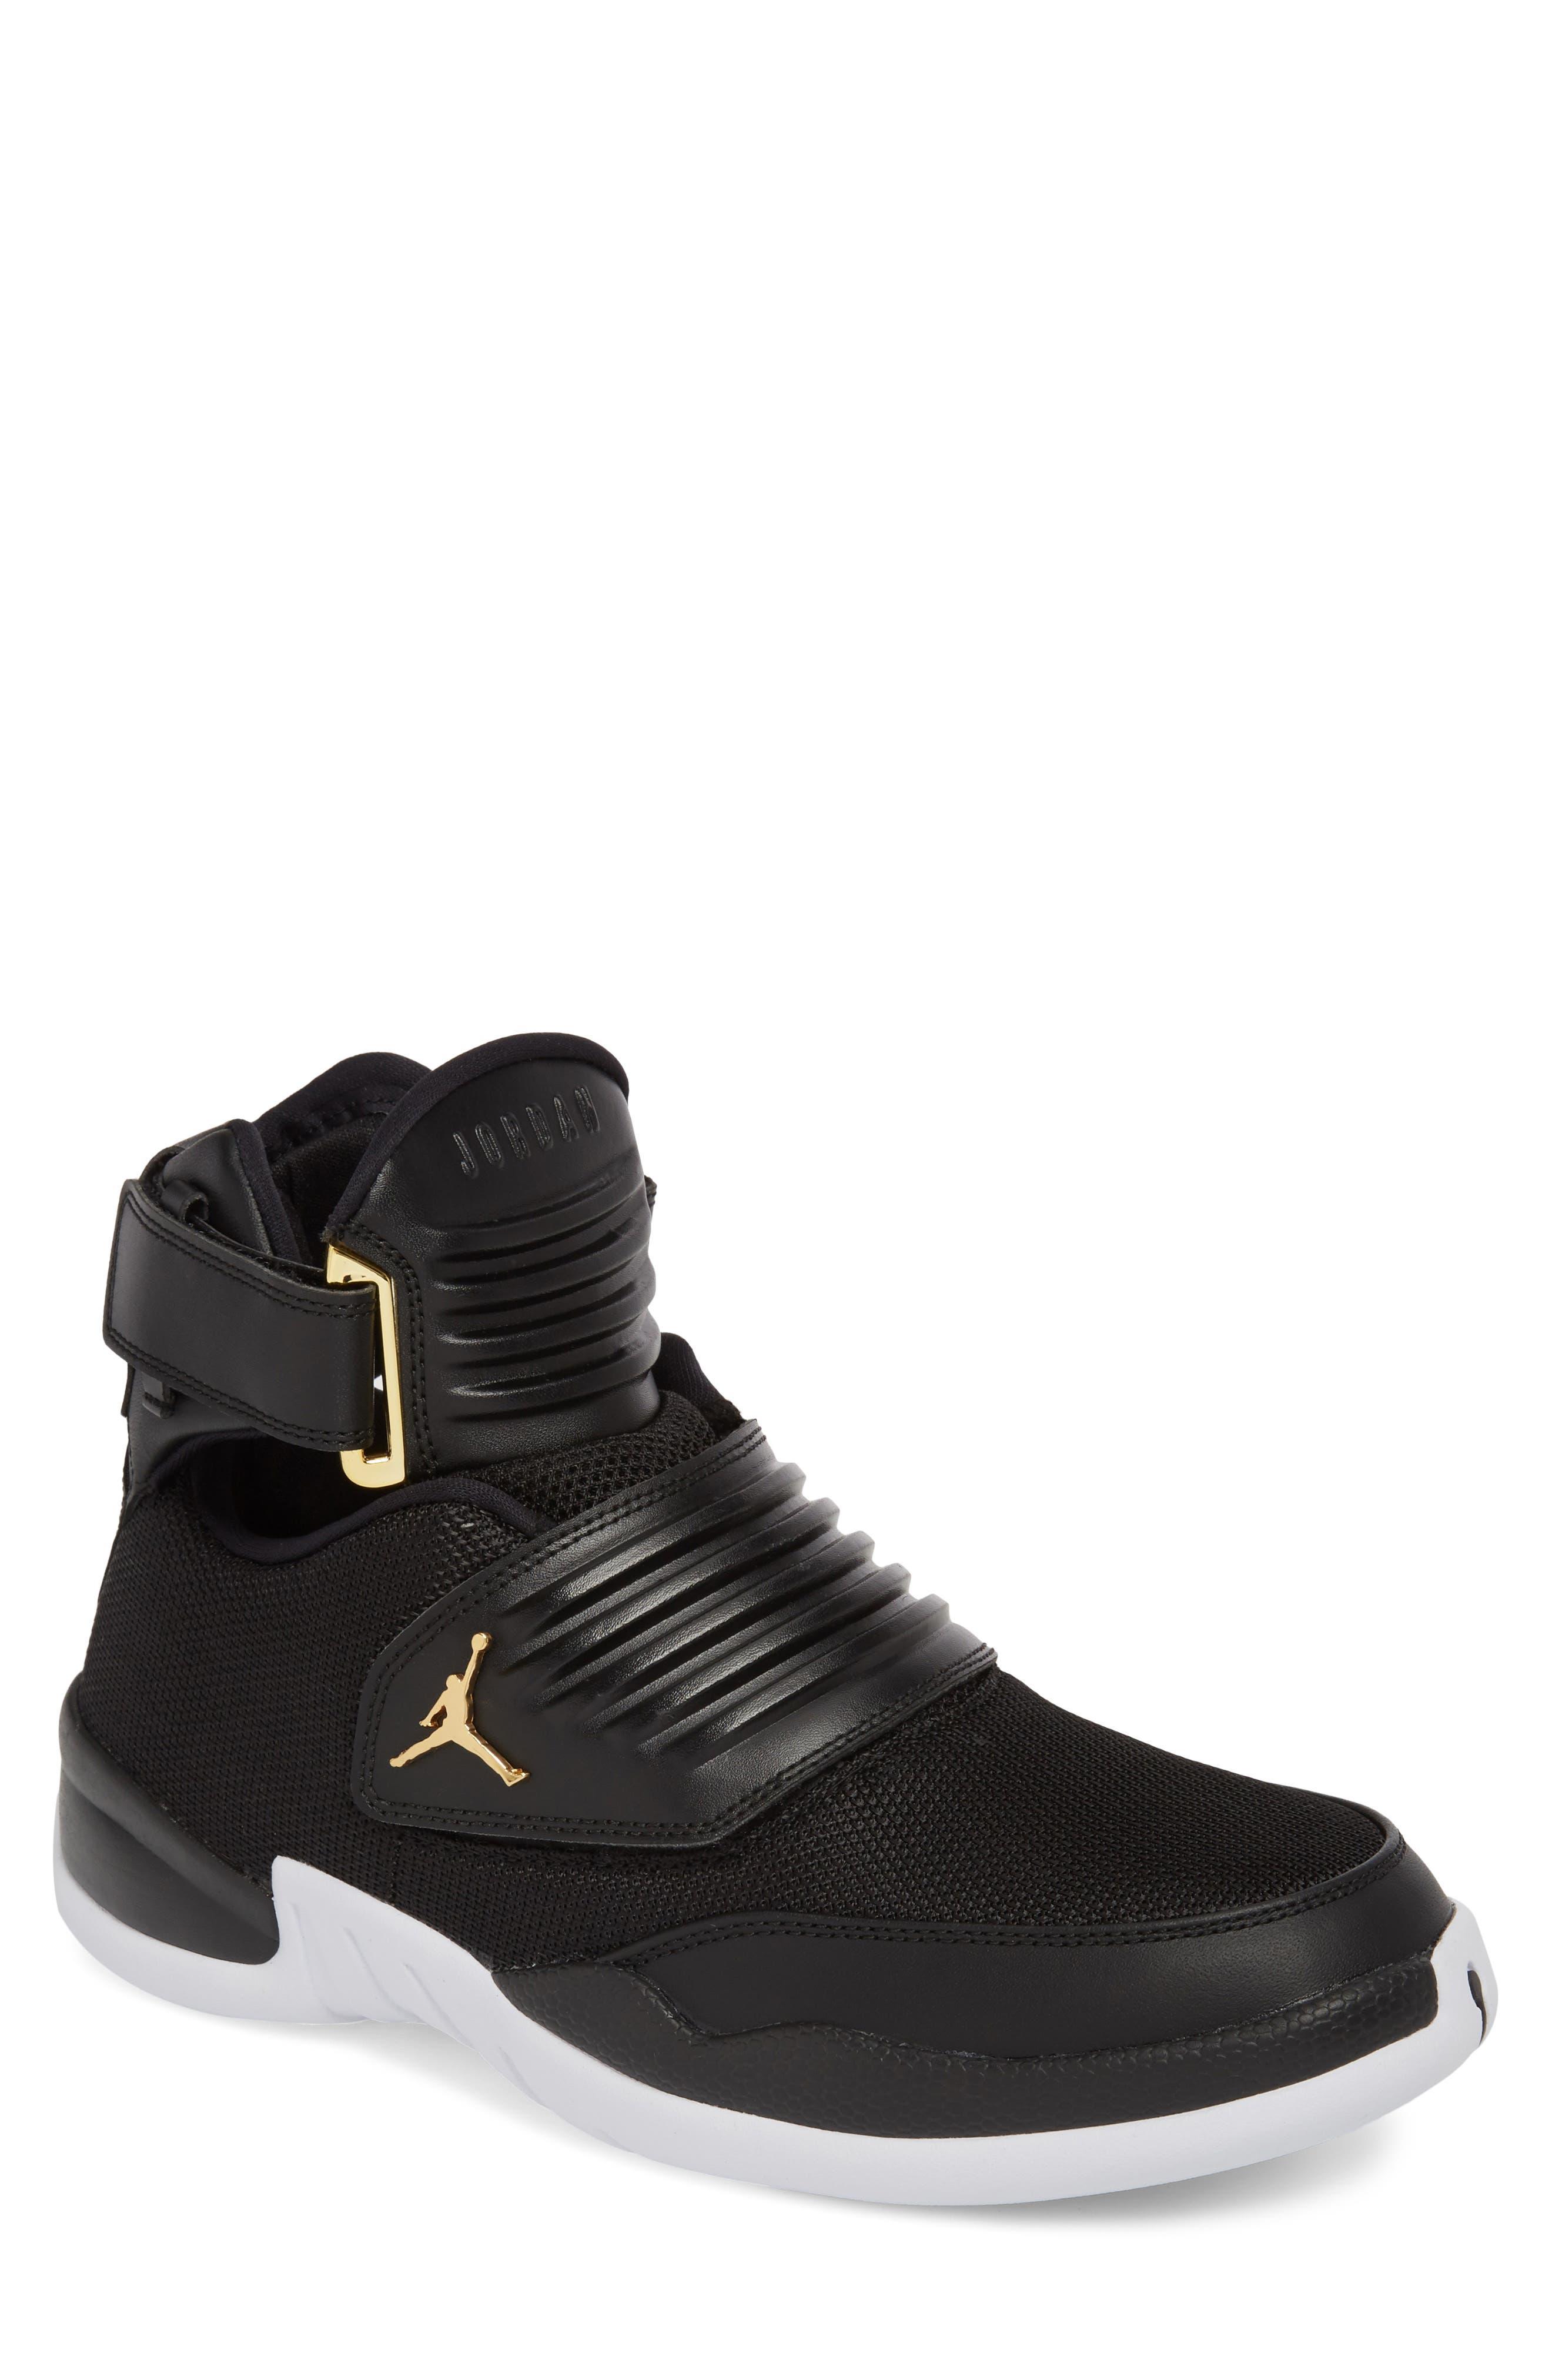 Jordan Generation High Top Sneaker,                         Main,                         color,